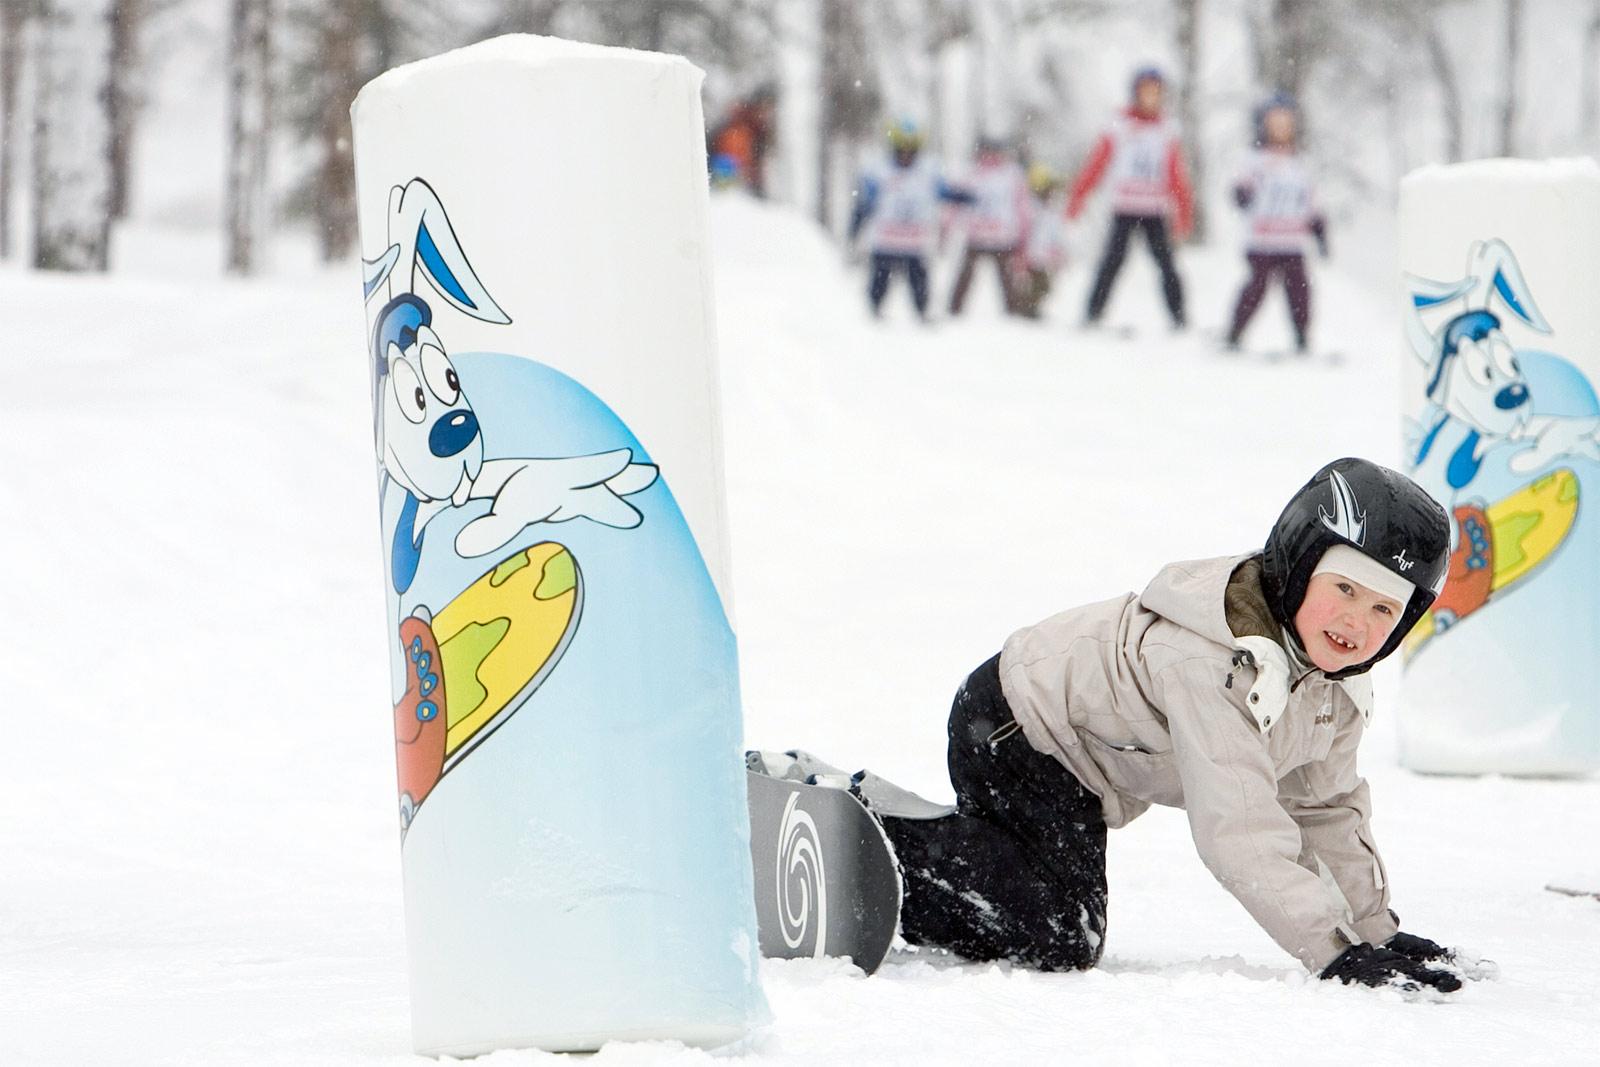 Hiihtokeskus - Levi-hiihtokeskus – Esittelyssä rinteet ja palvelut - Lumipallo